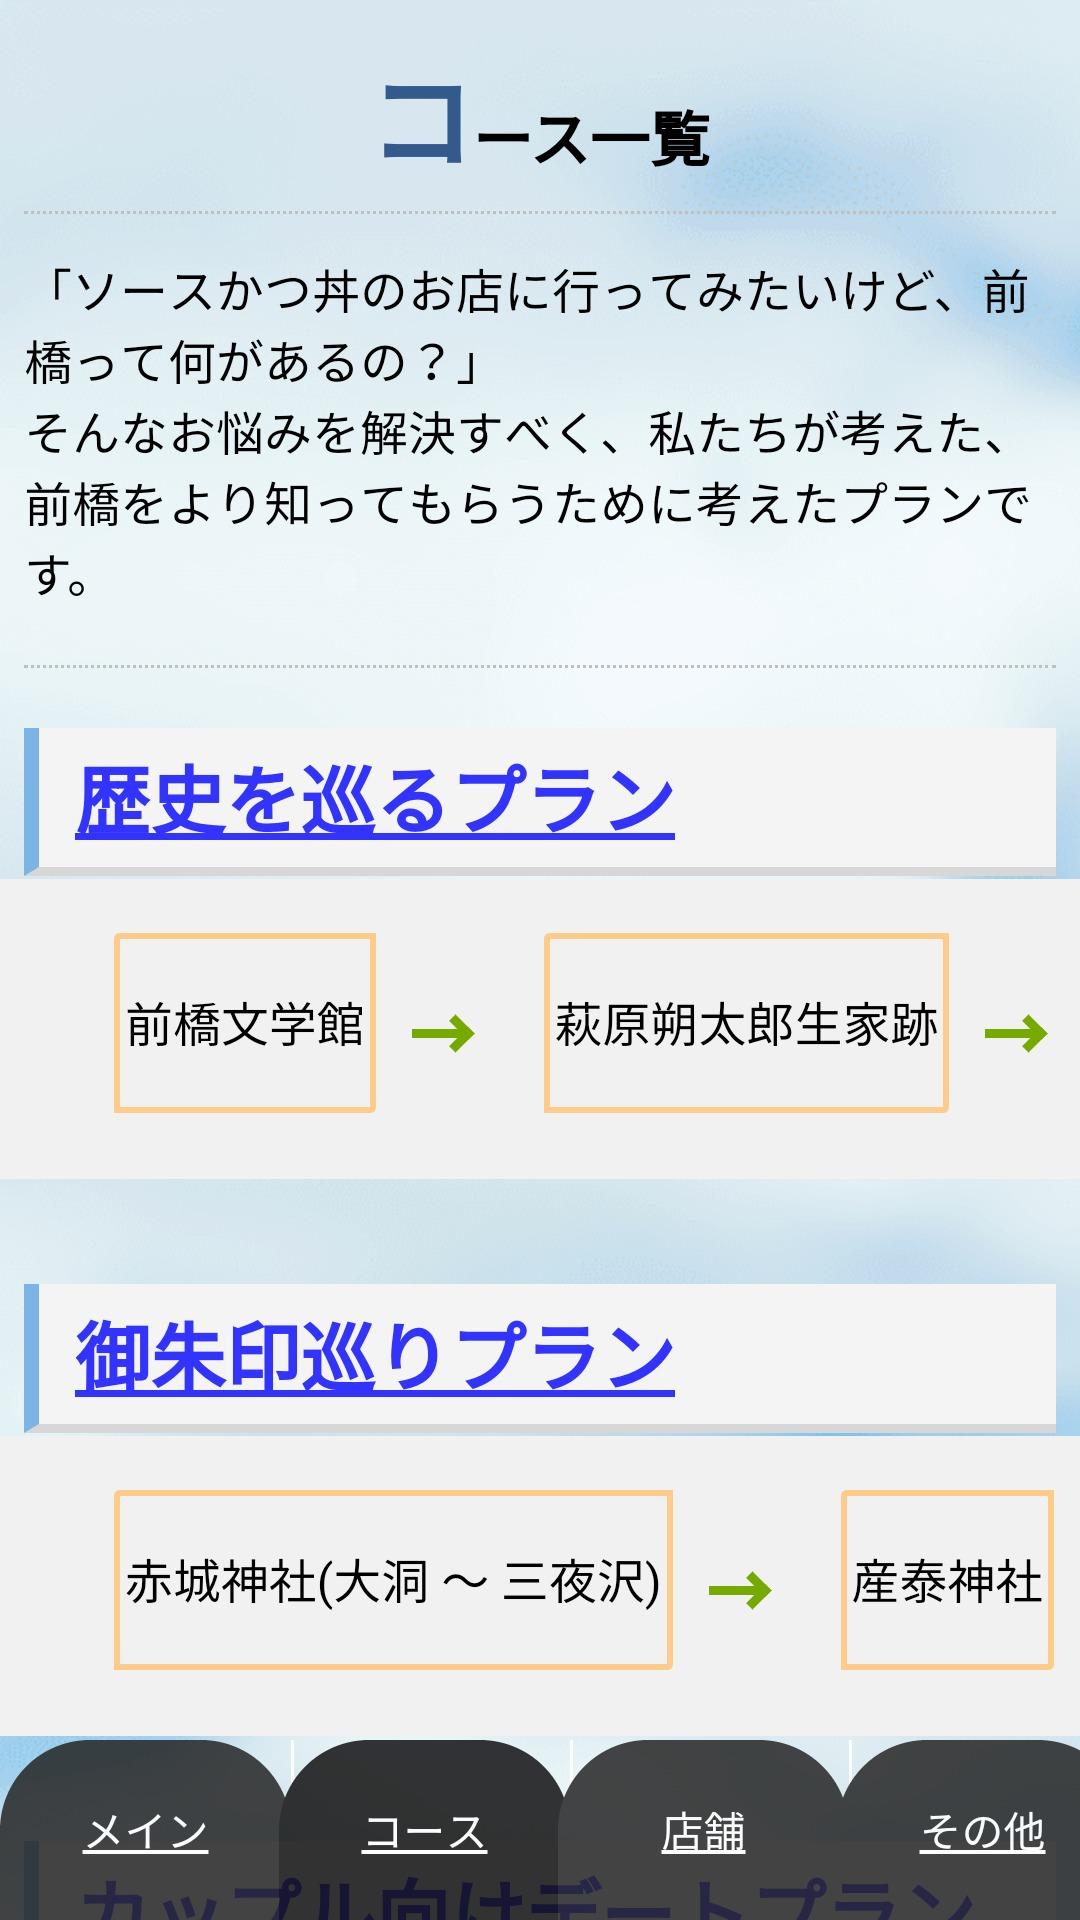 """""""サクッ!!とまえばし キャラクターとソースかつ丼めぐり コースイメージ"""